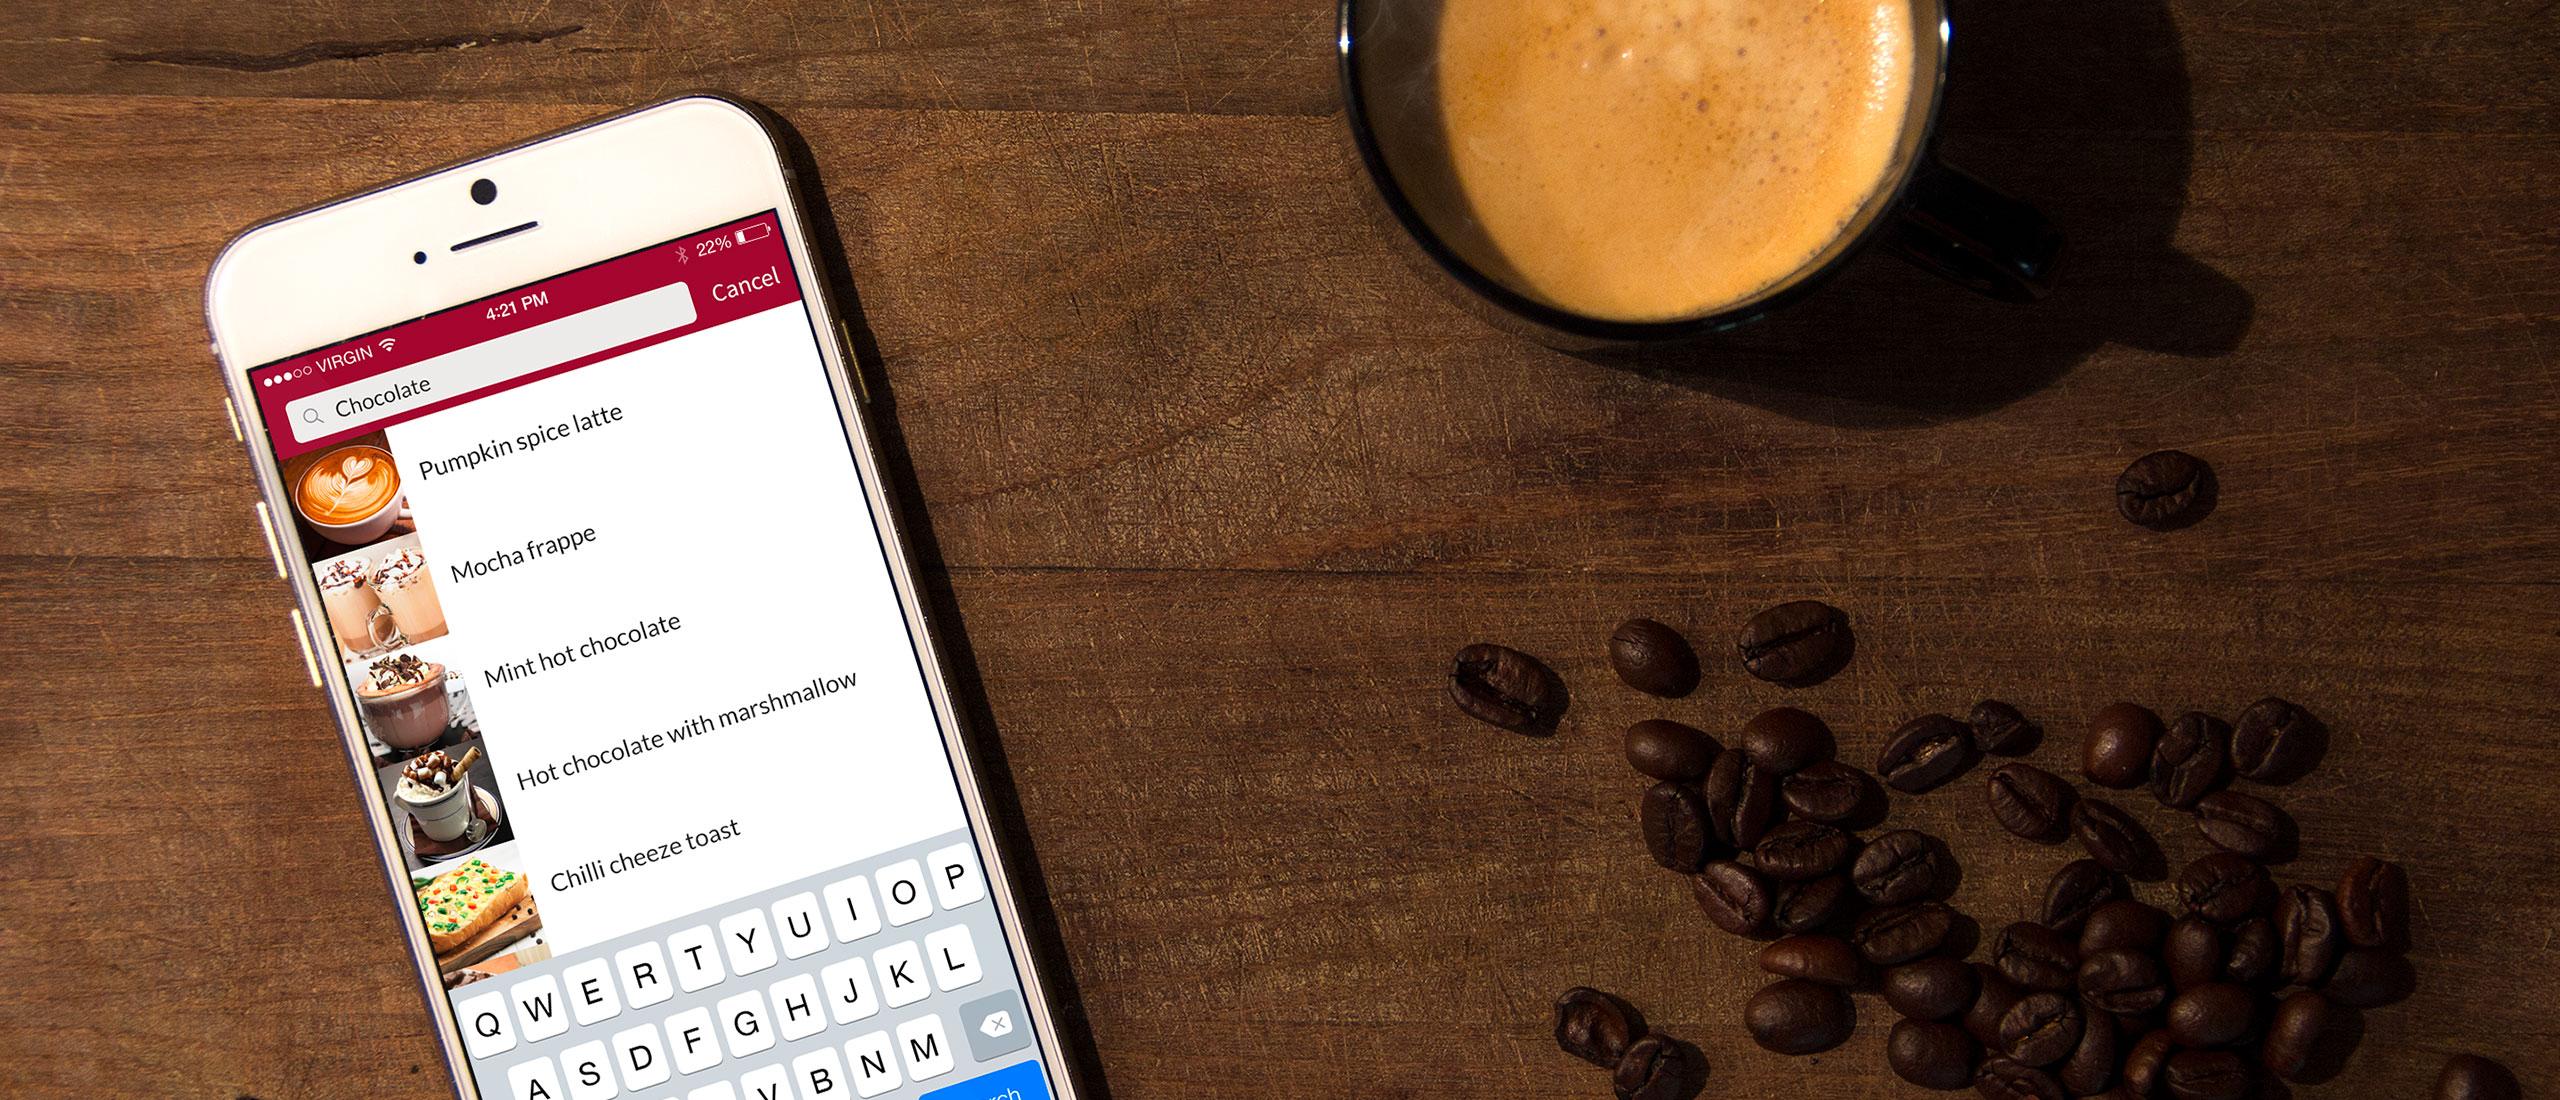 Cafe Singapore Mobile App